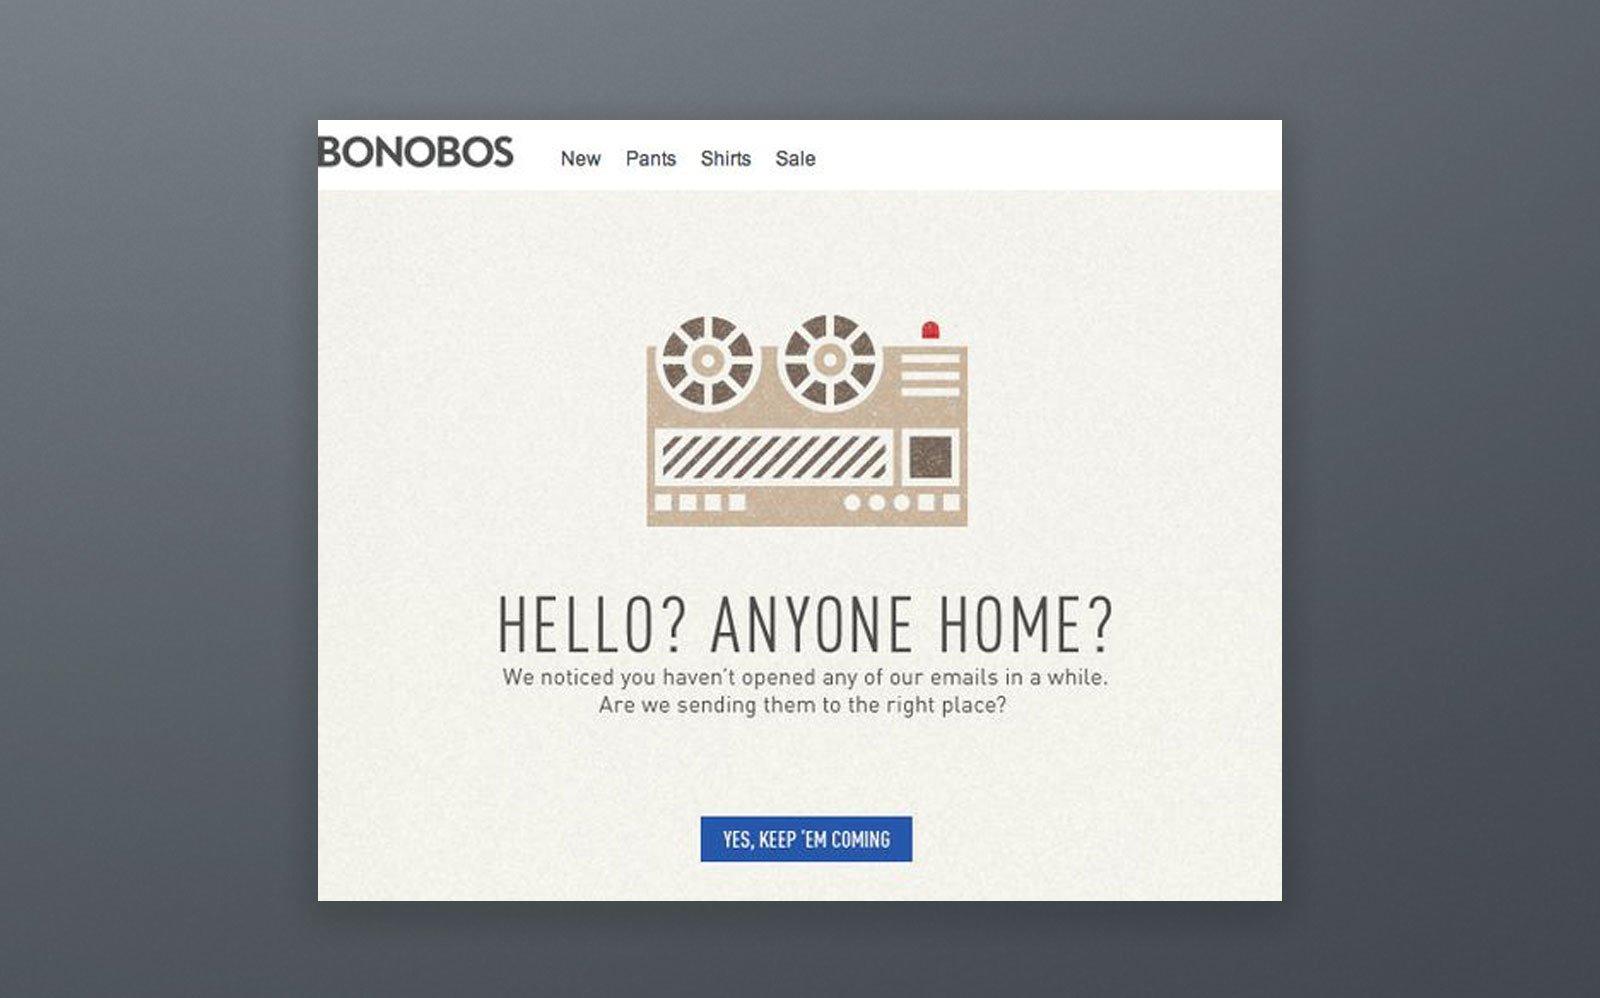 Bonobos Email Campaign